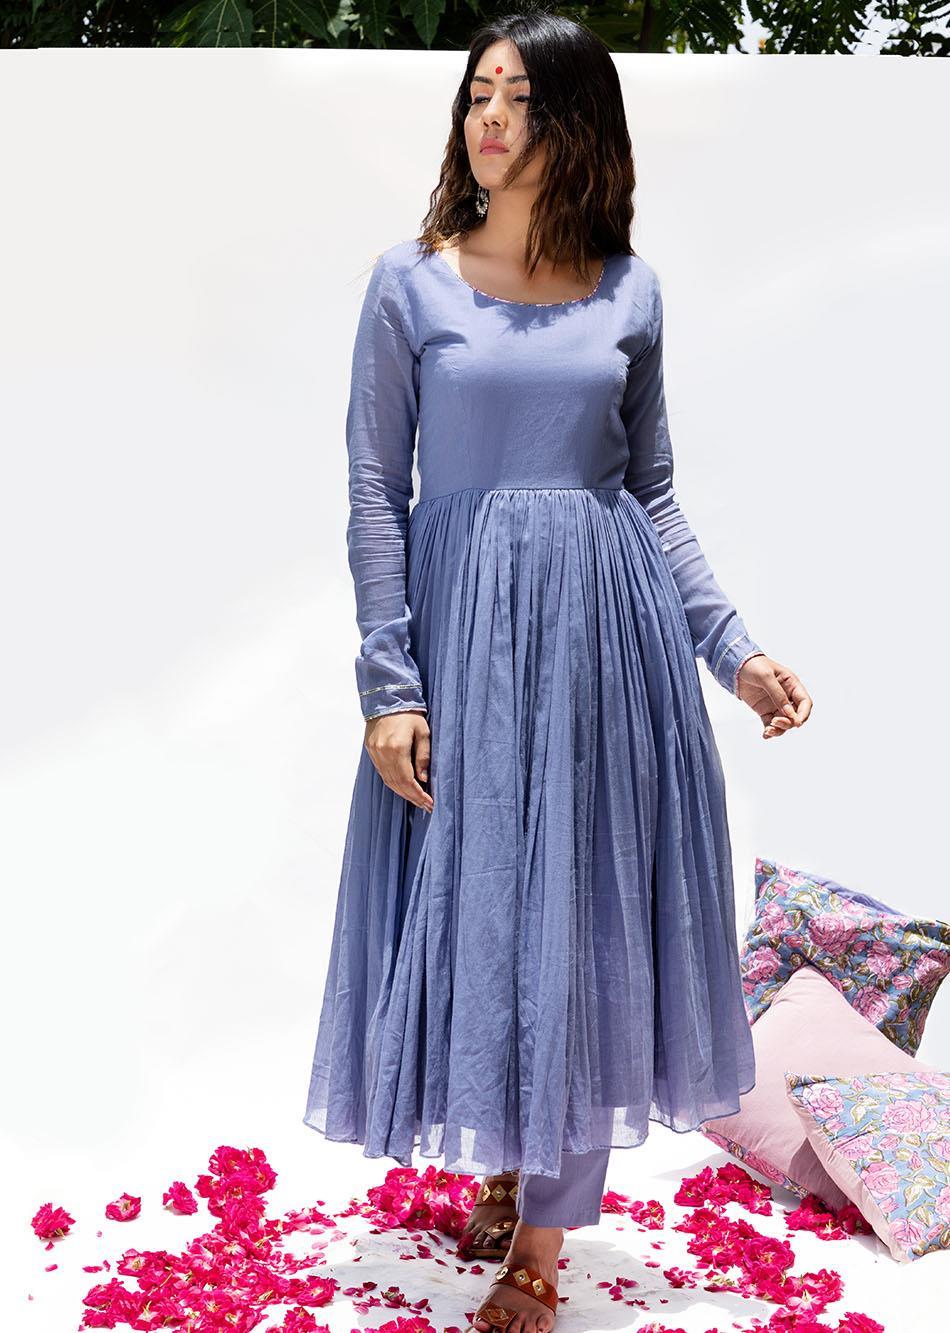 Baiguni Anarkali Kurta By Jovi Fashion